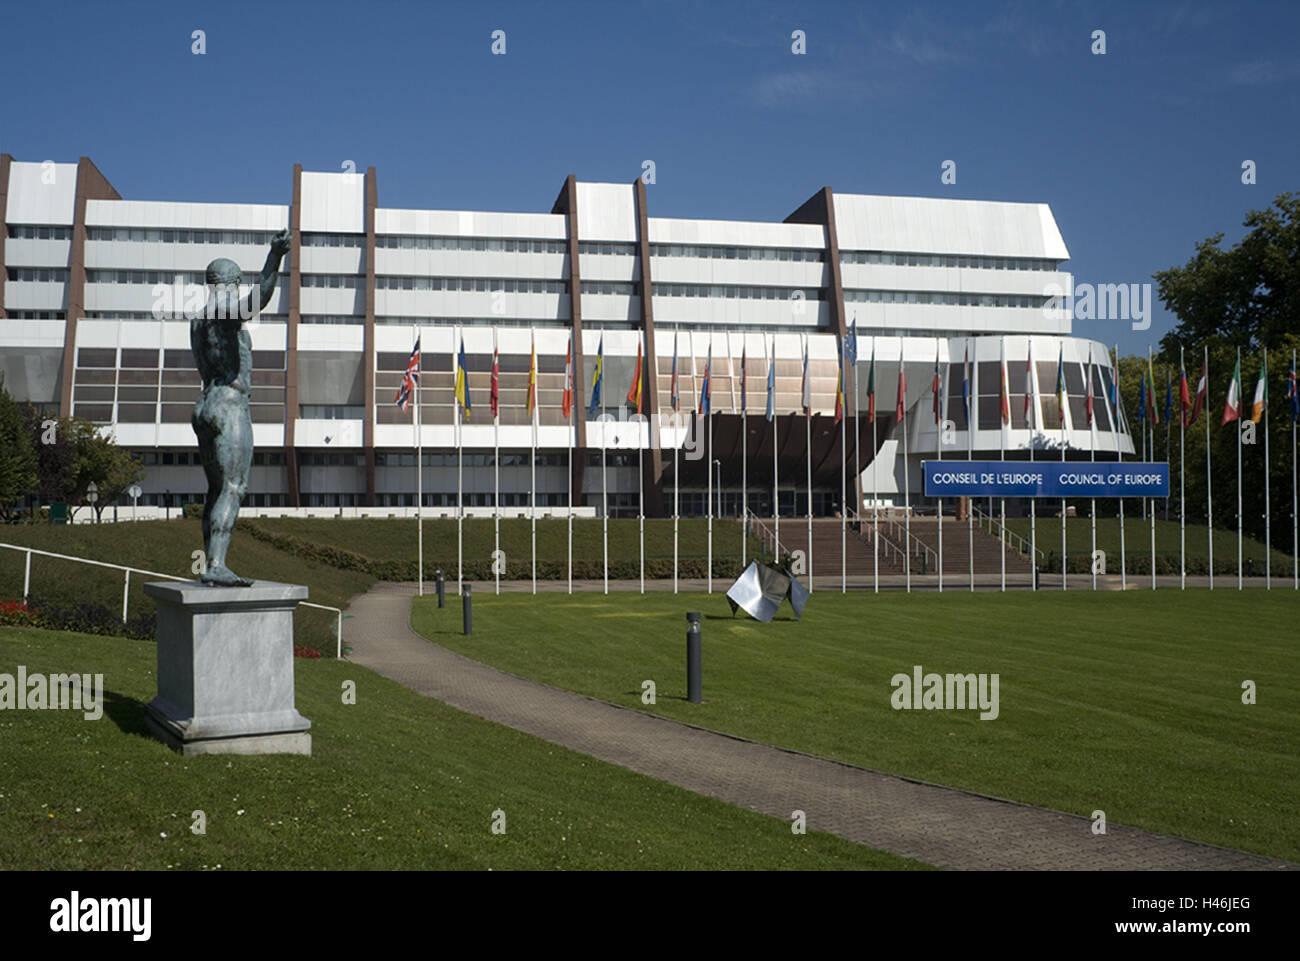 France, Alsace, Strasbourg, European Parliament, flags, buildings, architecture, European Parliament, parliament, - Stock Image